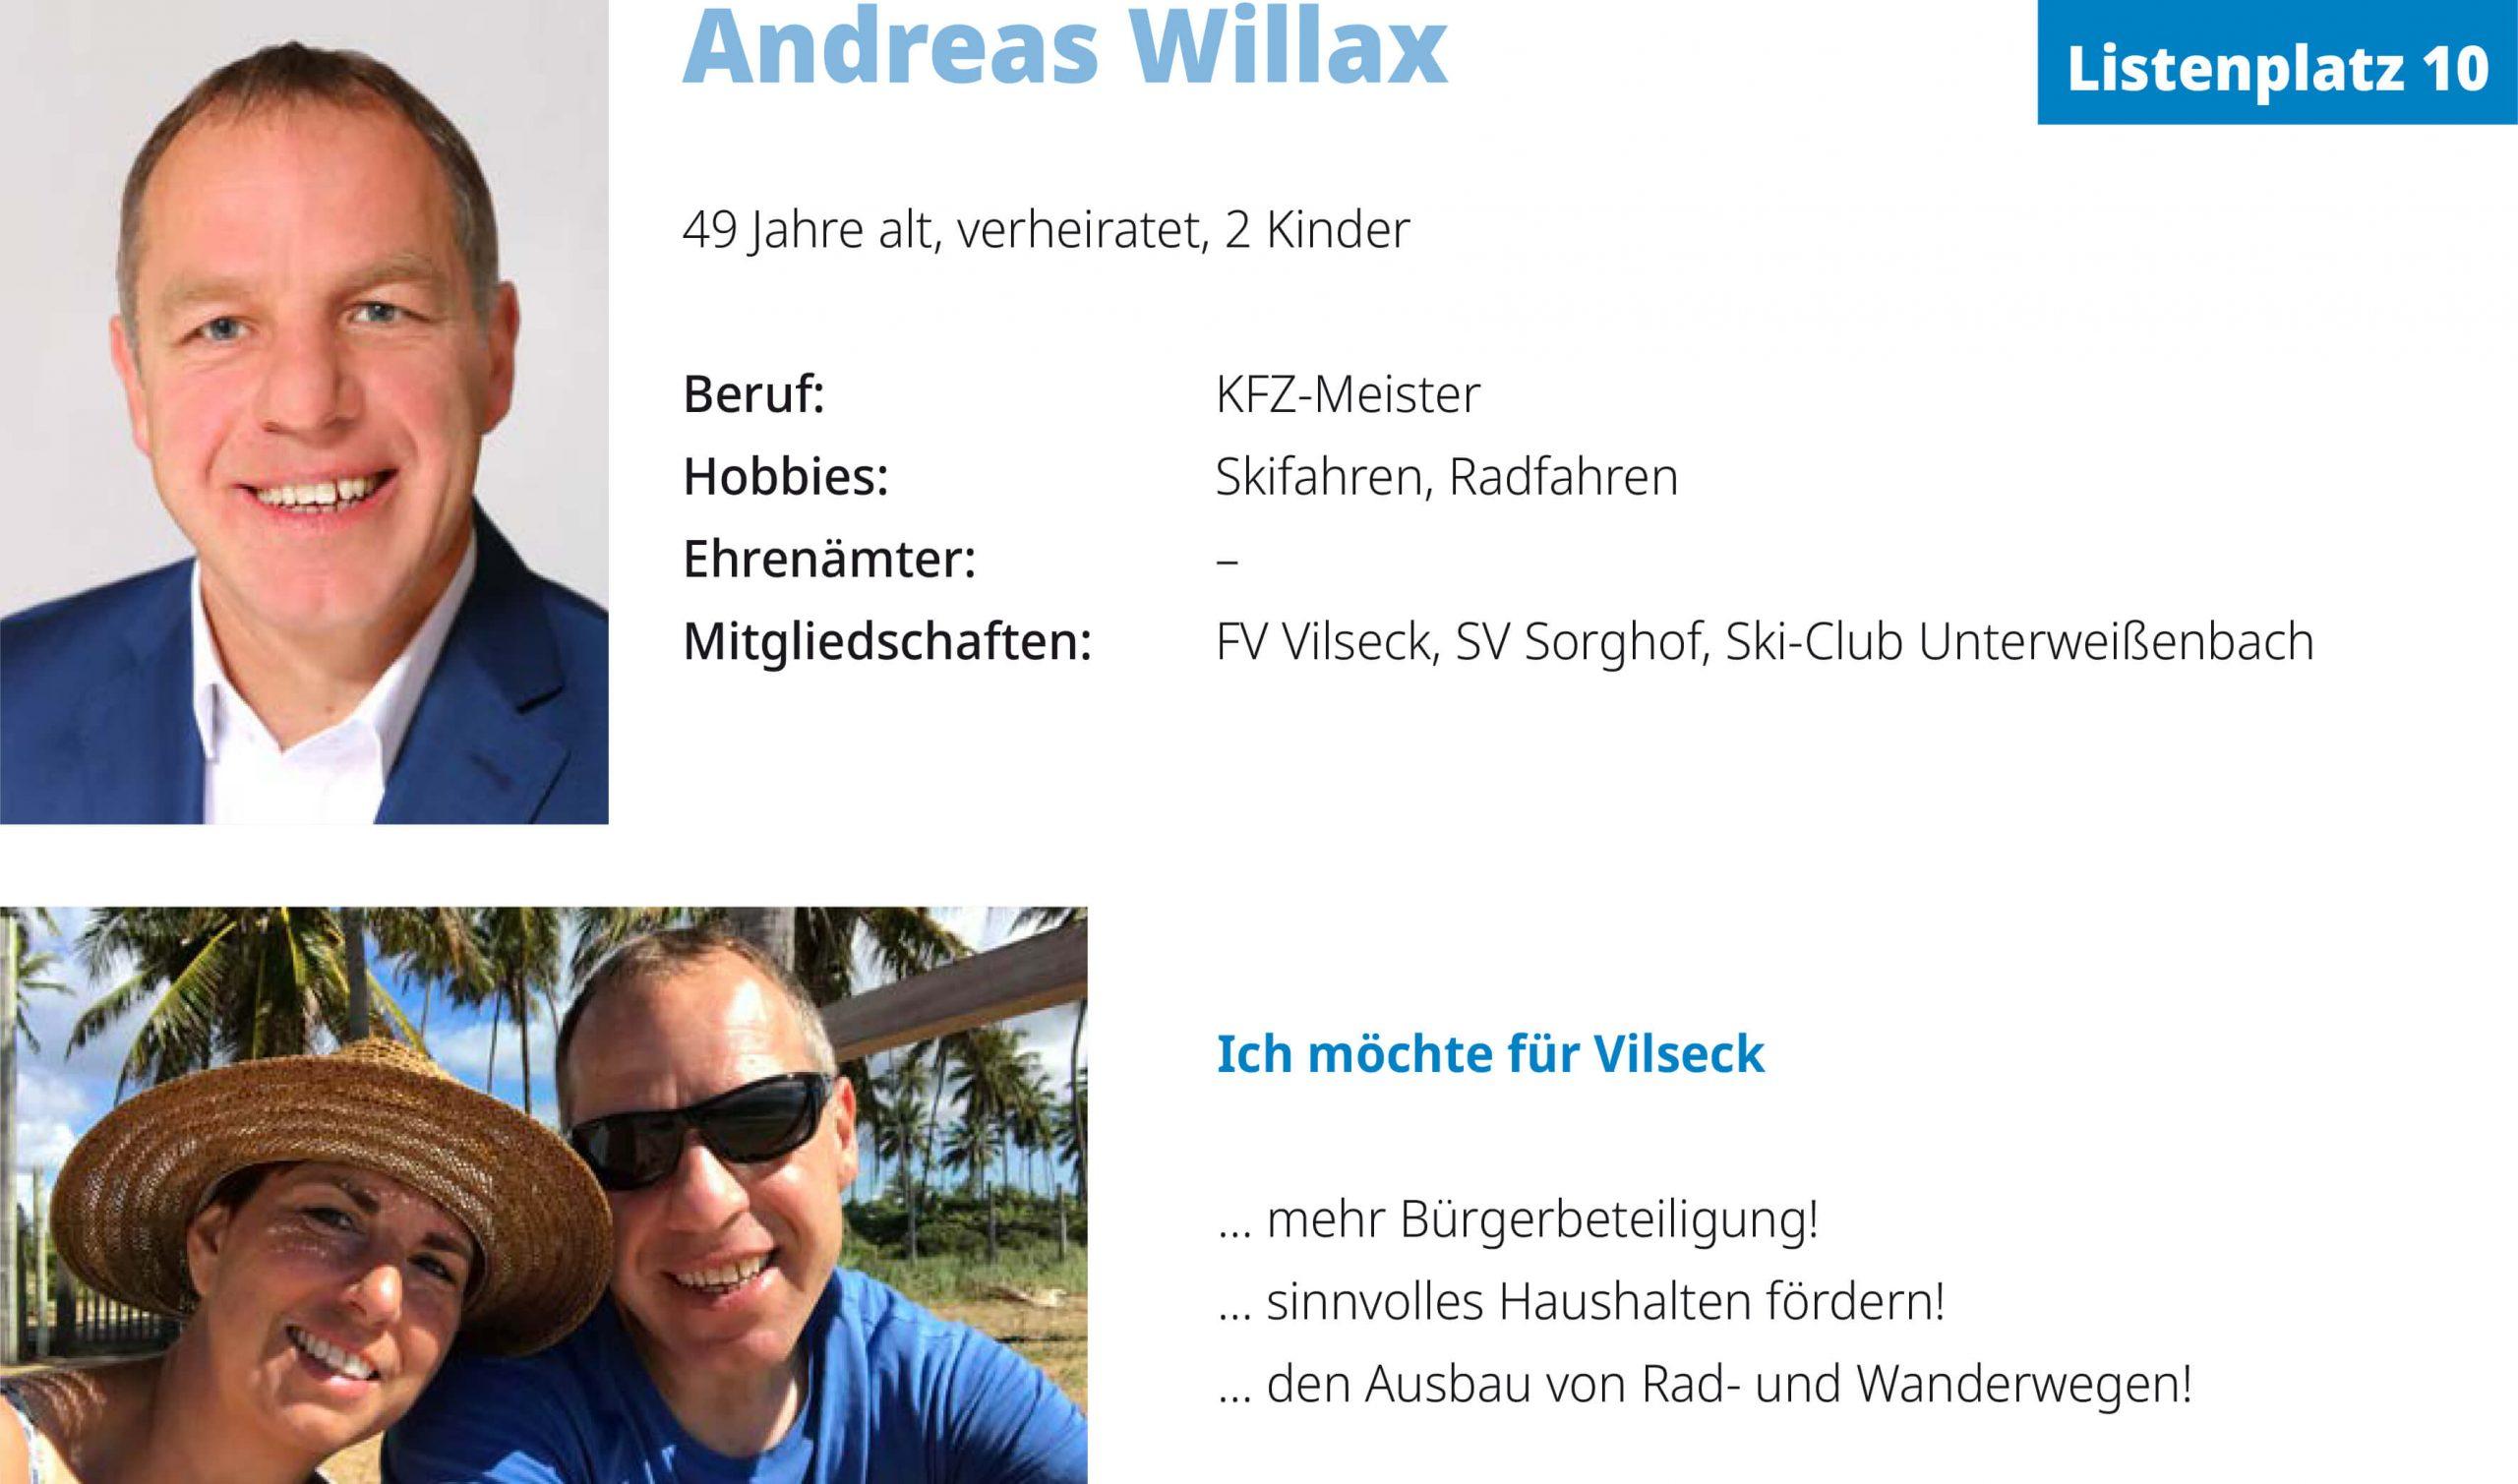 Andreas Willax